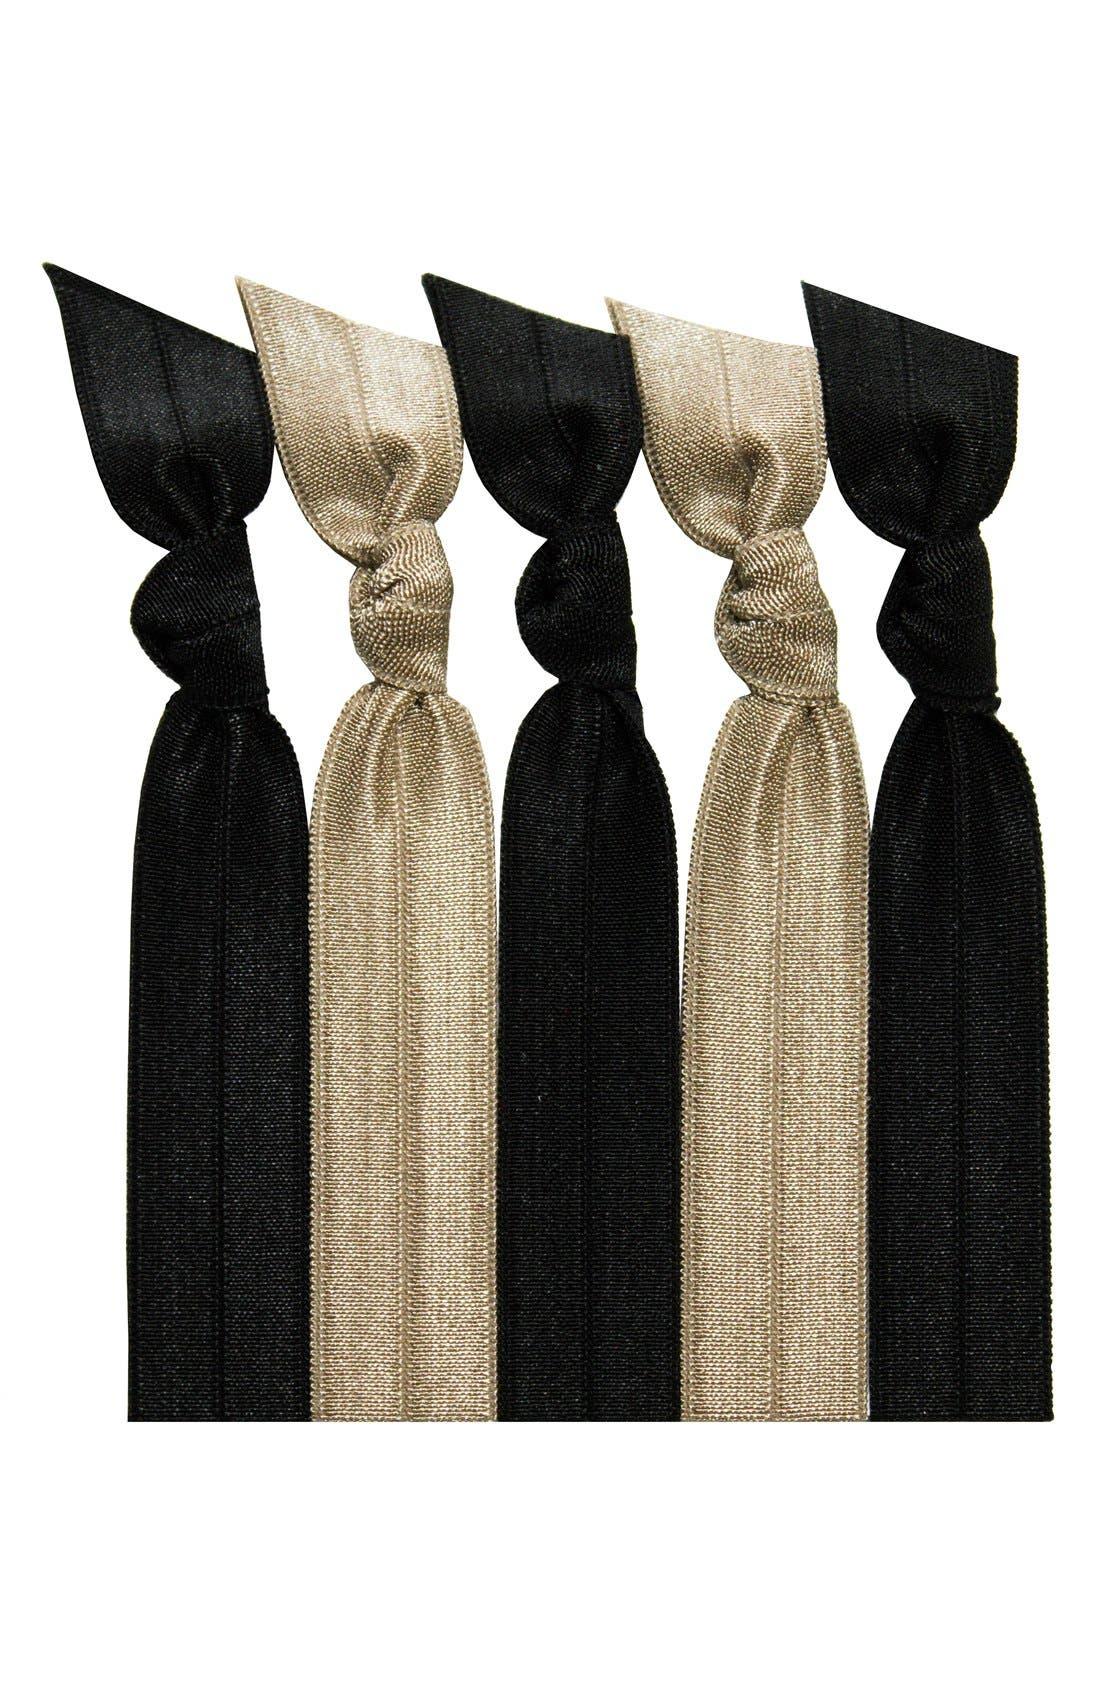 Alternate Image 1 Selected - Emi-Jay 'Pearl' Hair Ties (5-Pack) ($10.80 Value)